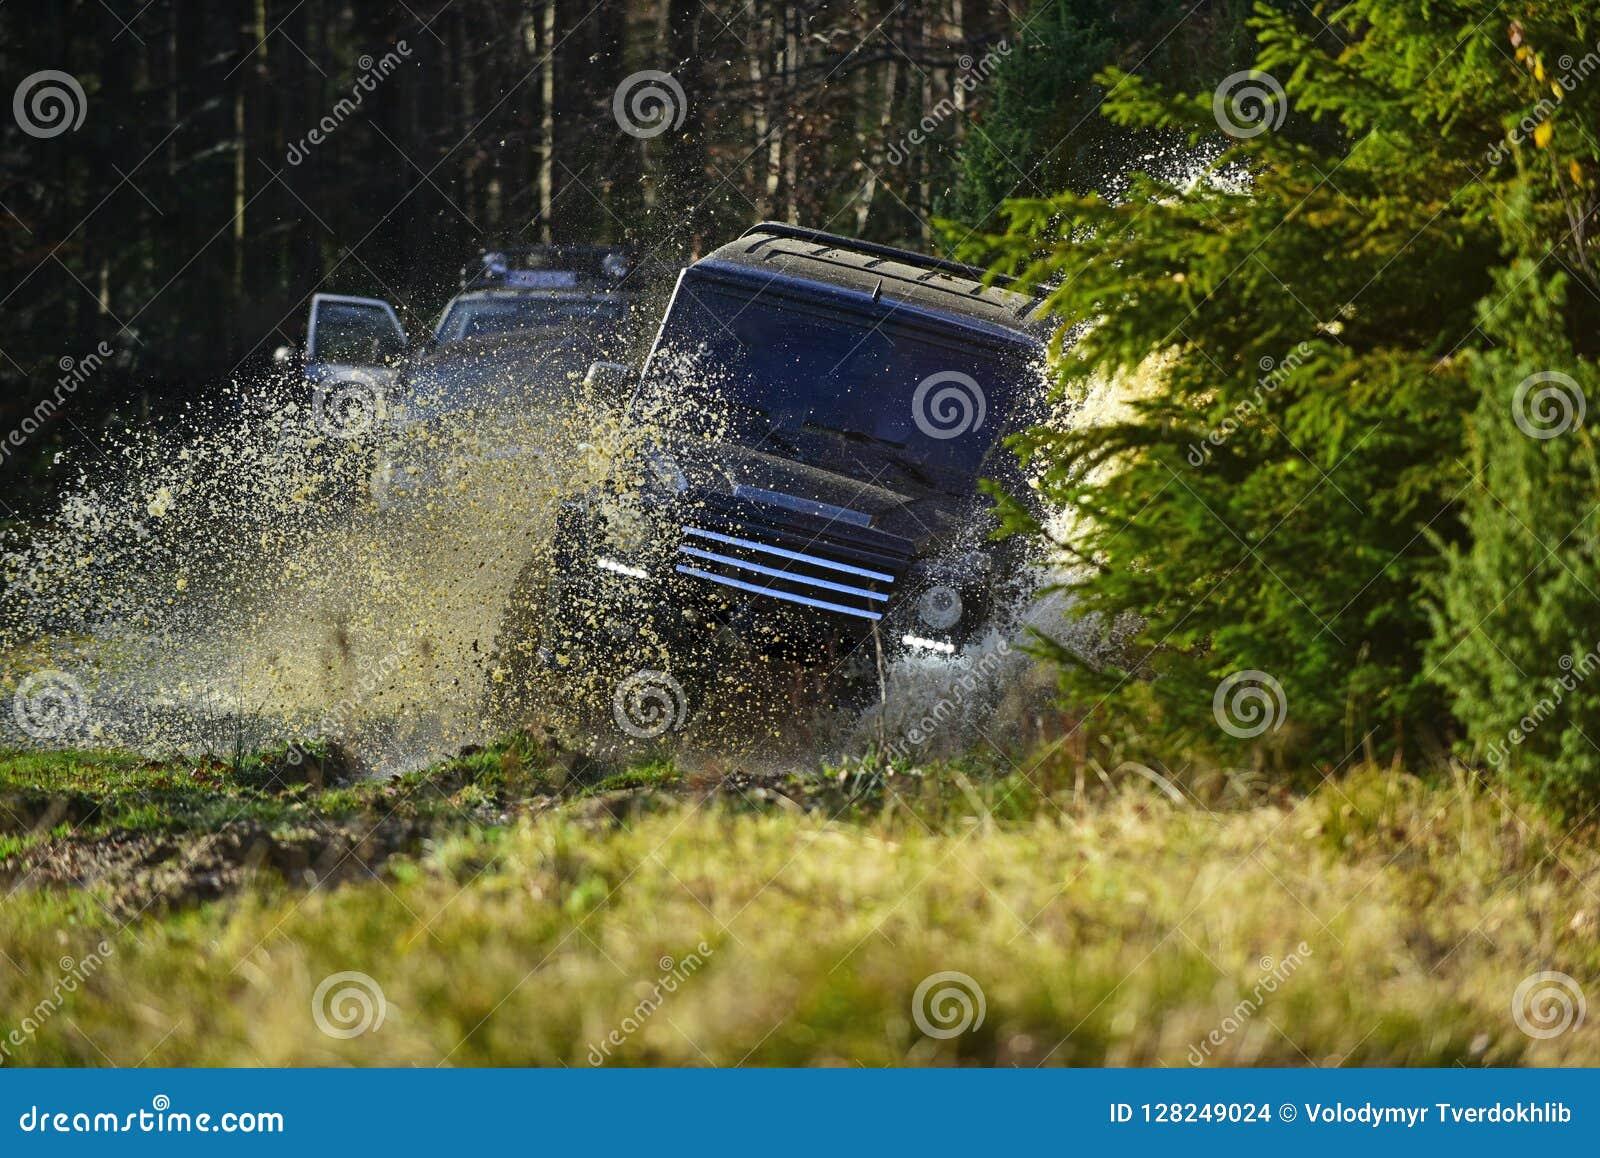 与飞溅的越野车或SUV横穿水坑 召集,竞争和四轮驱动的概念 马达